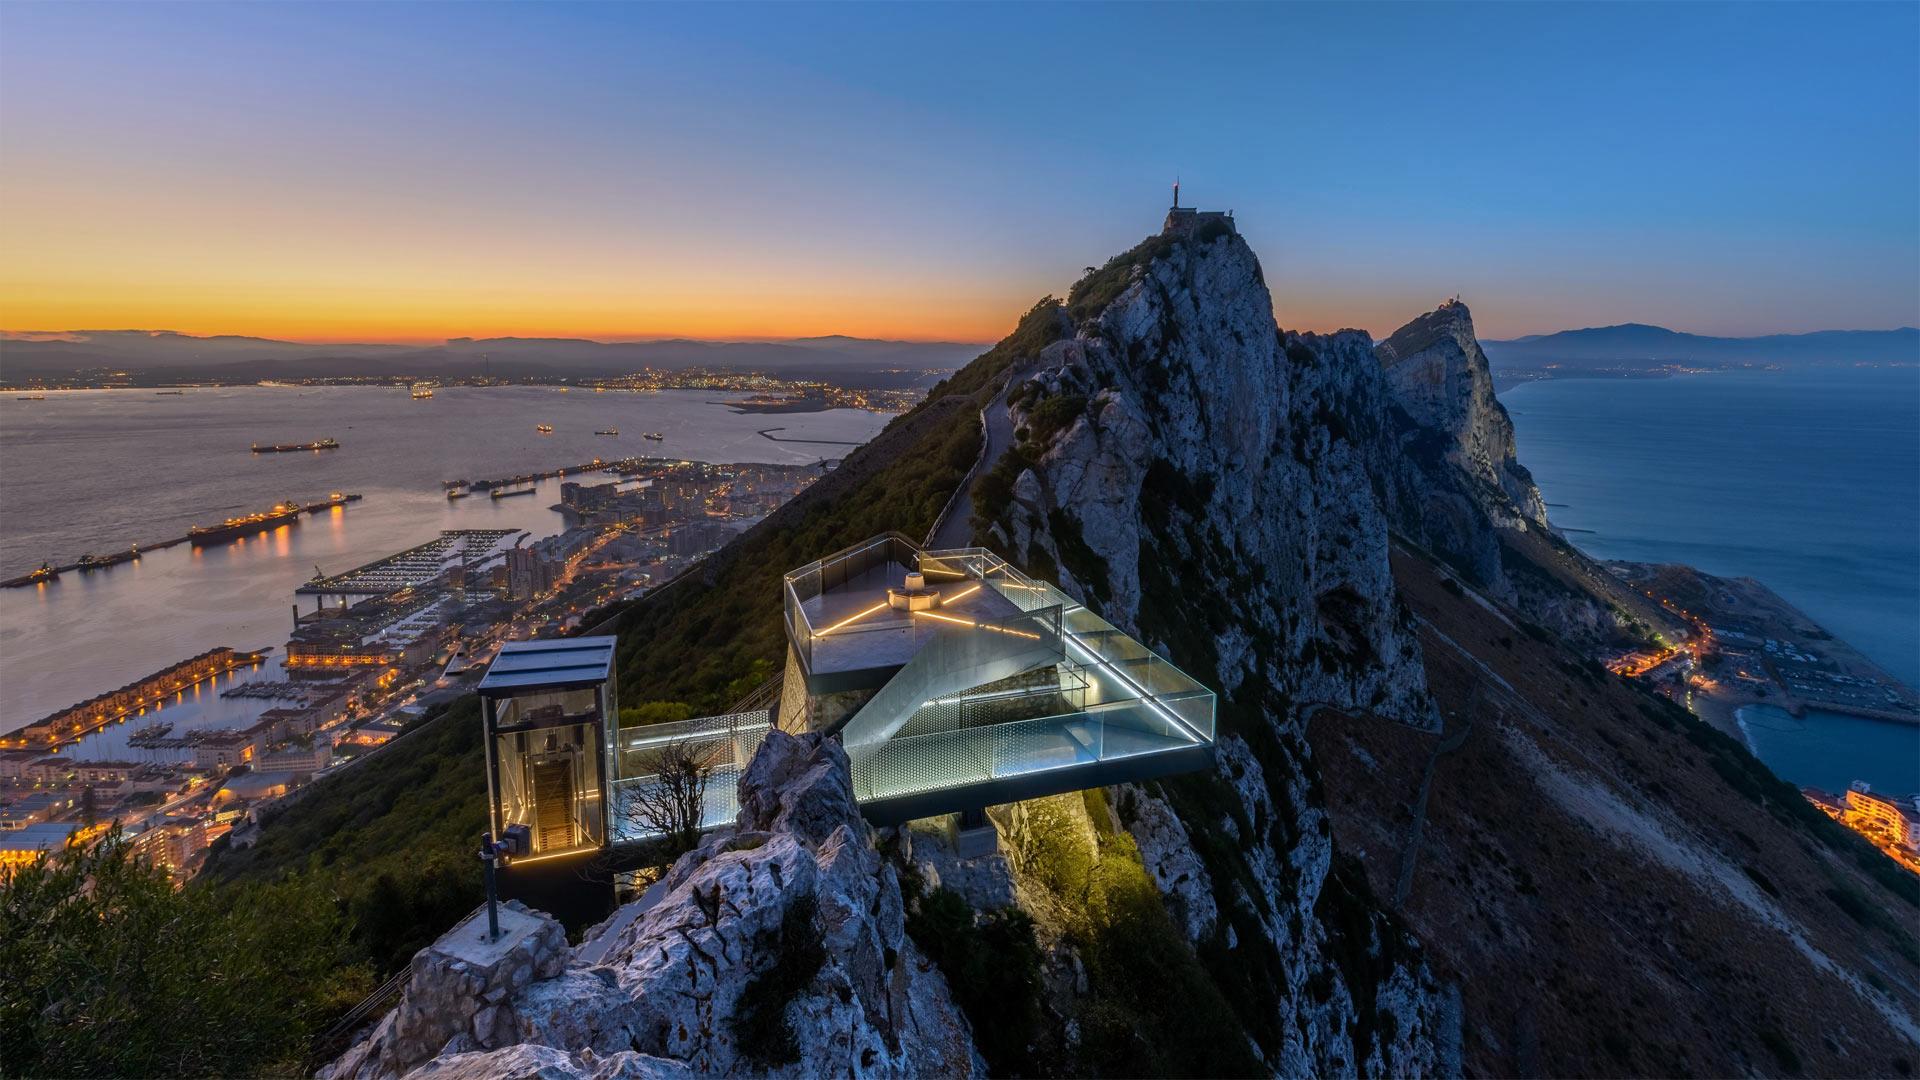 「ジブラルタルの岩の空中回廊」イギリス領, イベリア半島 (© Stephen Ball/Alamy)